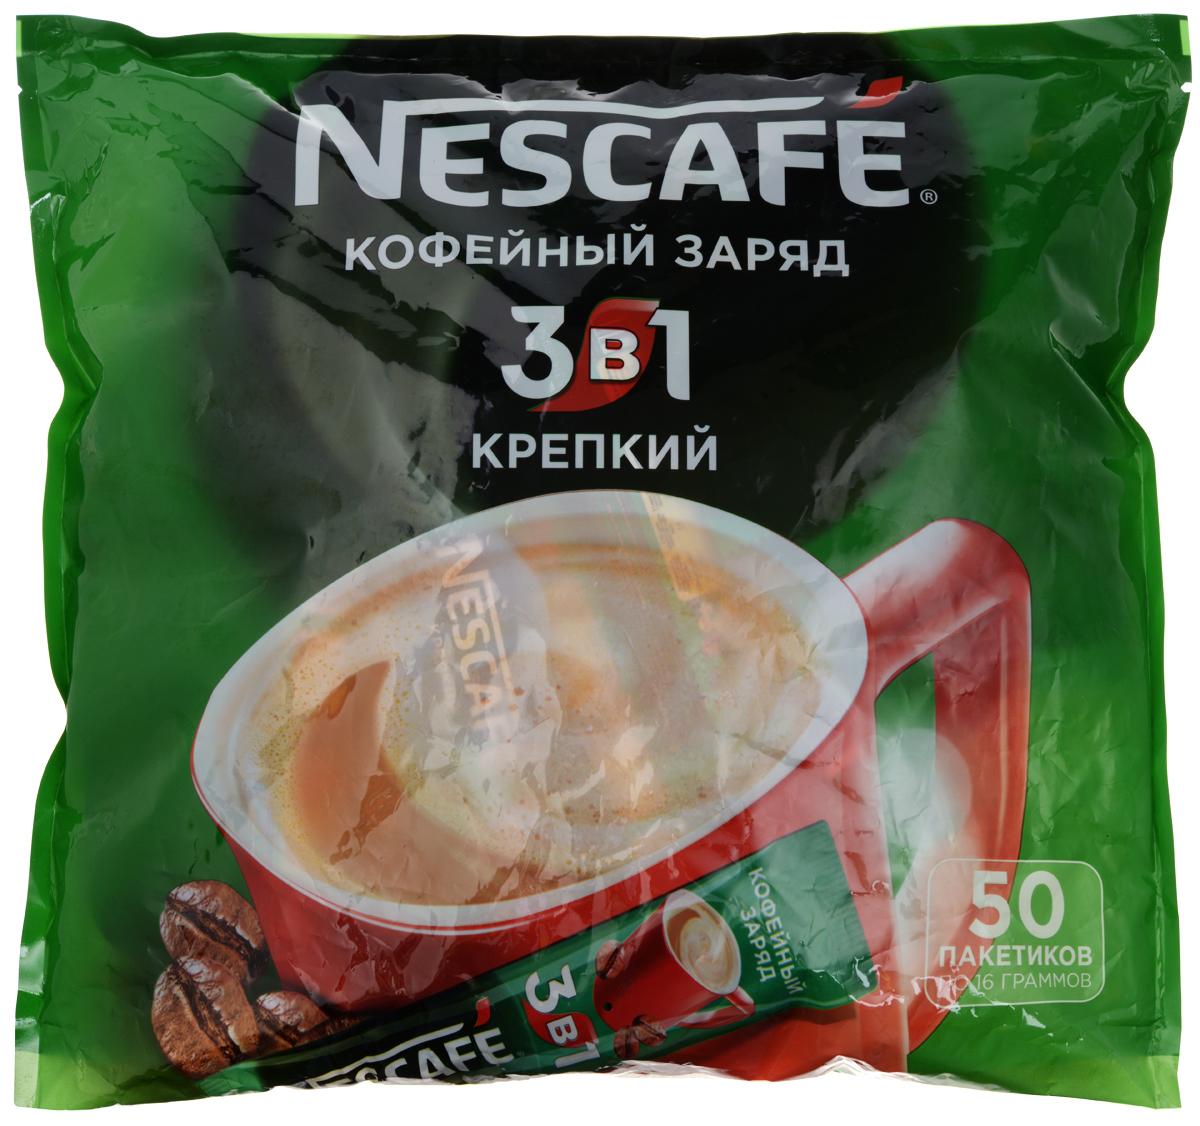 Nescafe 3 в 1 Крепкий кофе растворимый, 50 шт12235514Nescafe 3 в 1 Крепкий - кофейно-сливочный напиток, в состав которого входят высококачественные ингредиенты: кофе Nescafe, сахар, сливки растительного происхождения. Каждый пакетик Nescafe 3 в 1 подарит вам идеальное сочетание кофе, сливок, сахара!